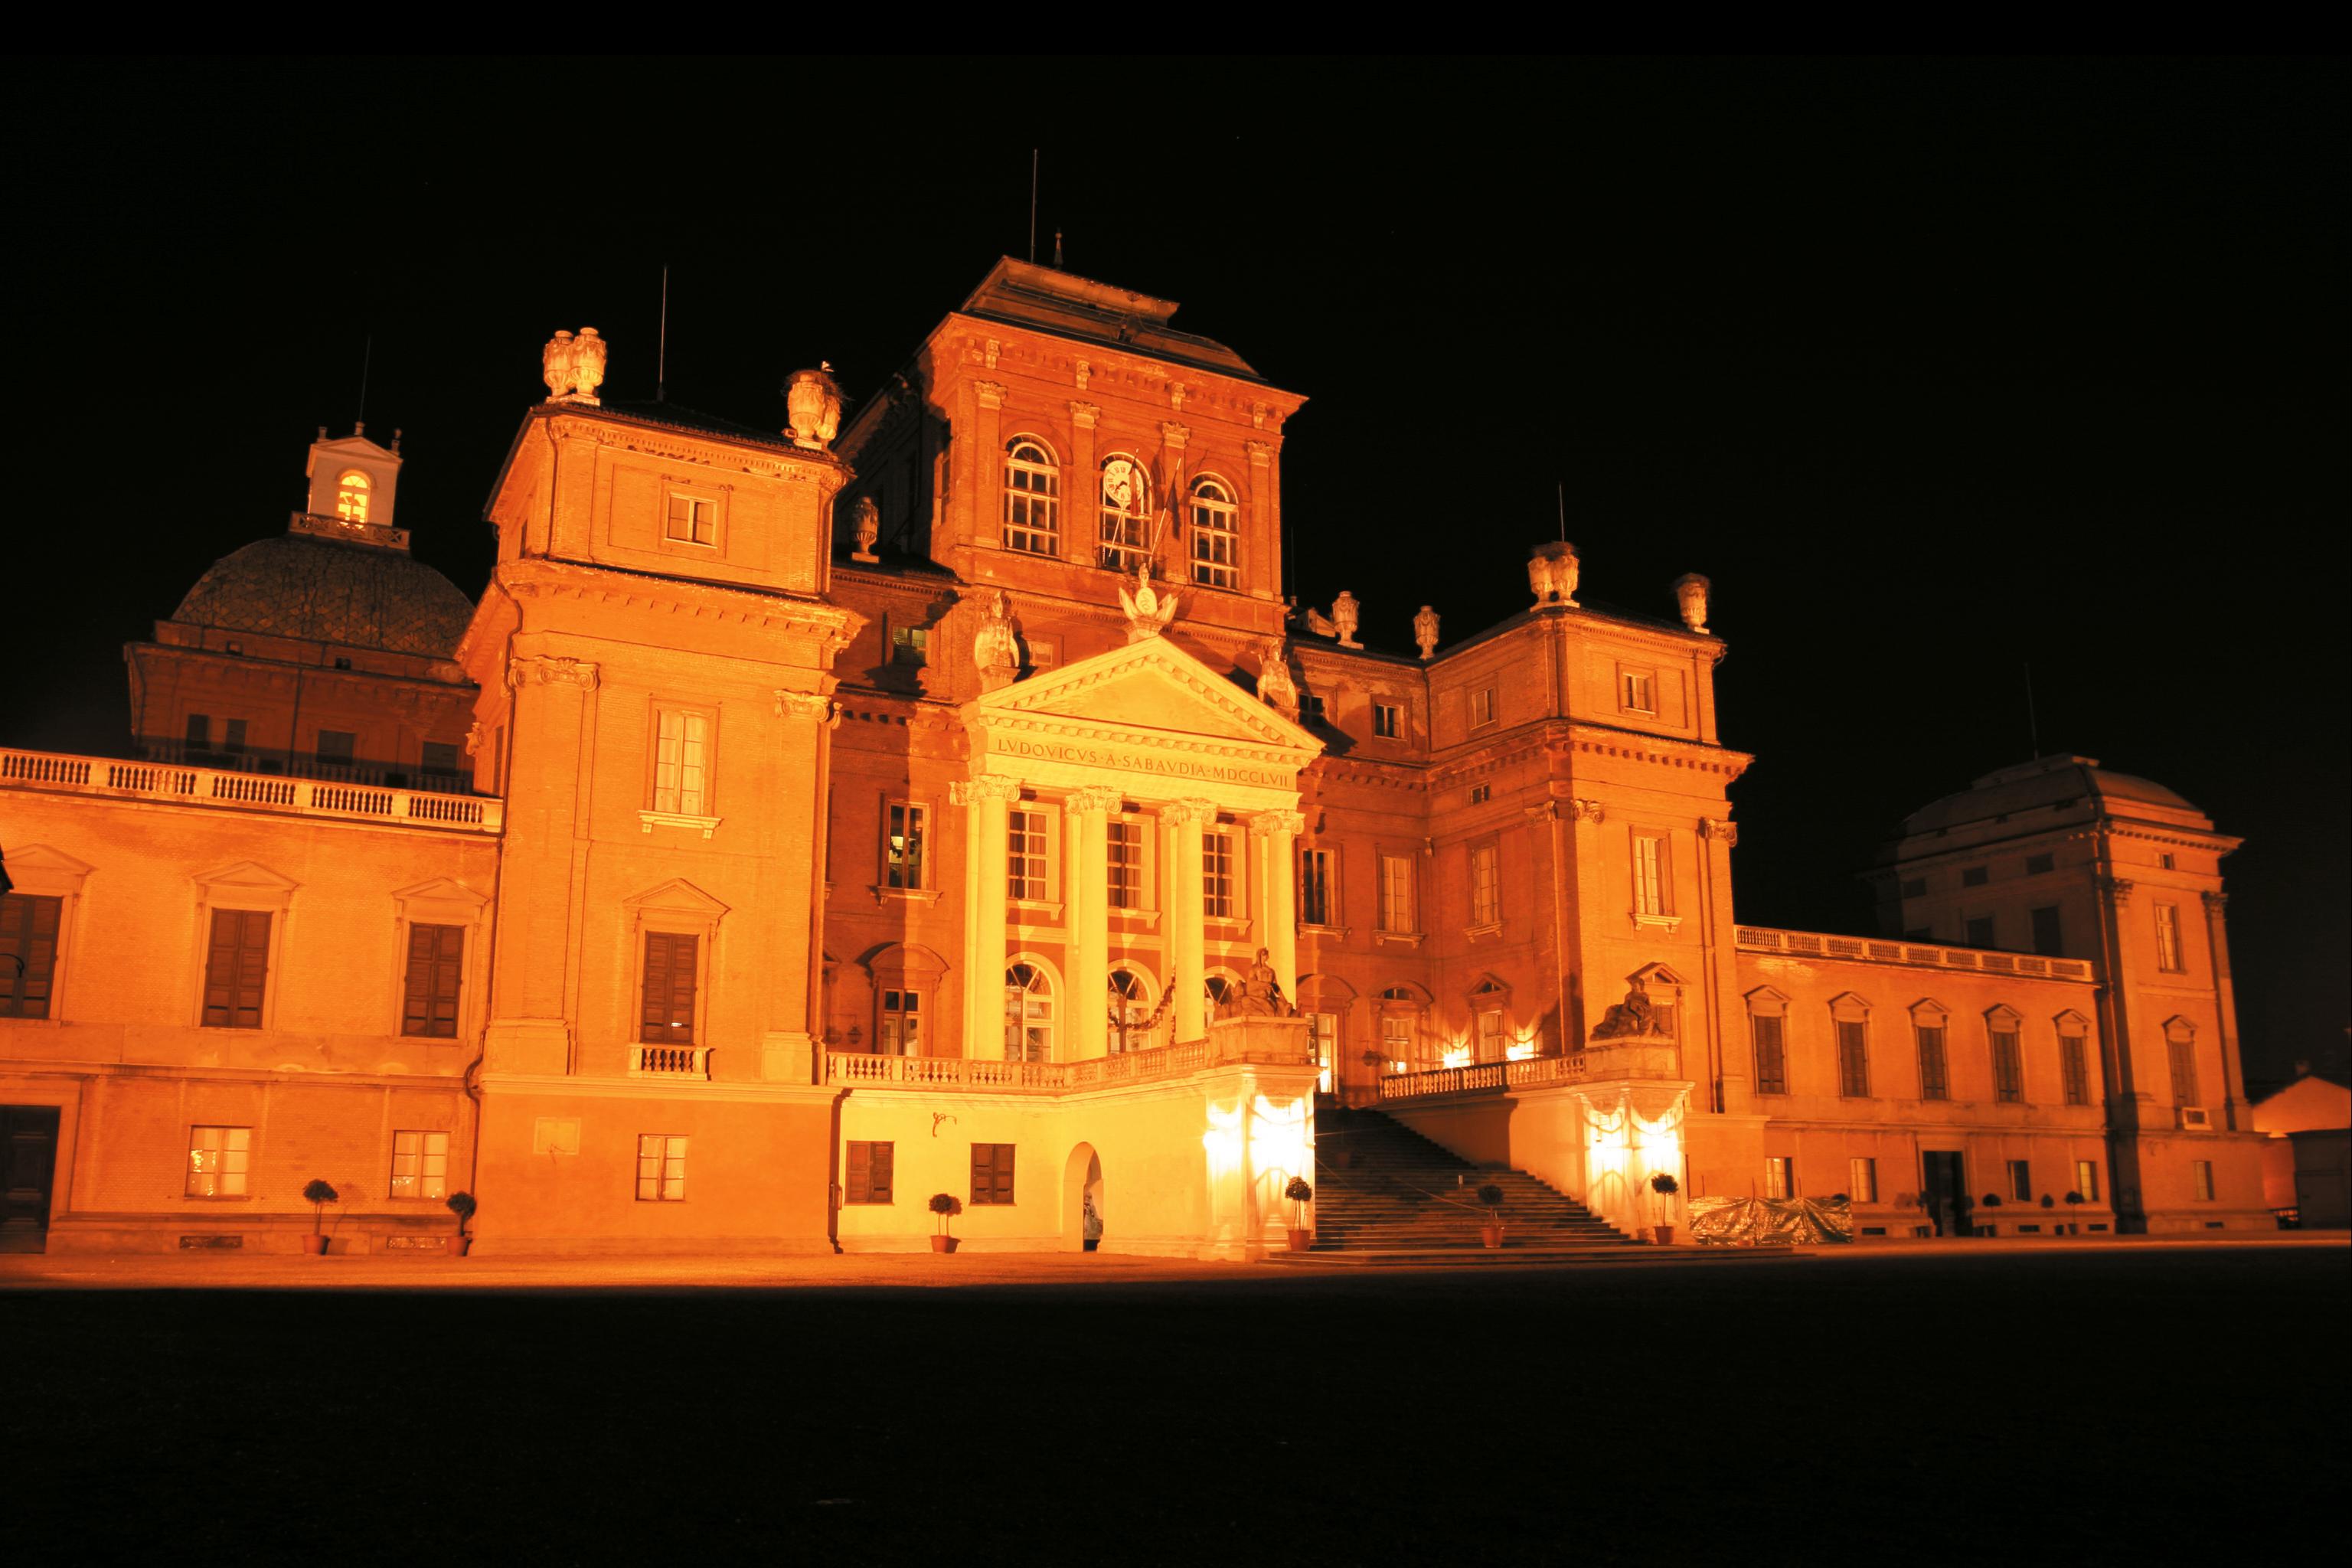 racconigi_notturna_castello_facciata_rid